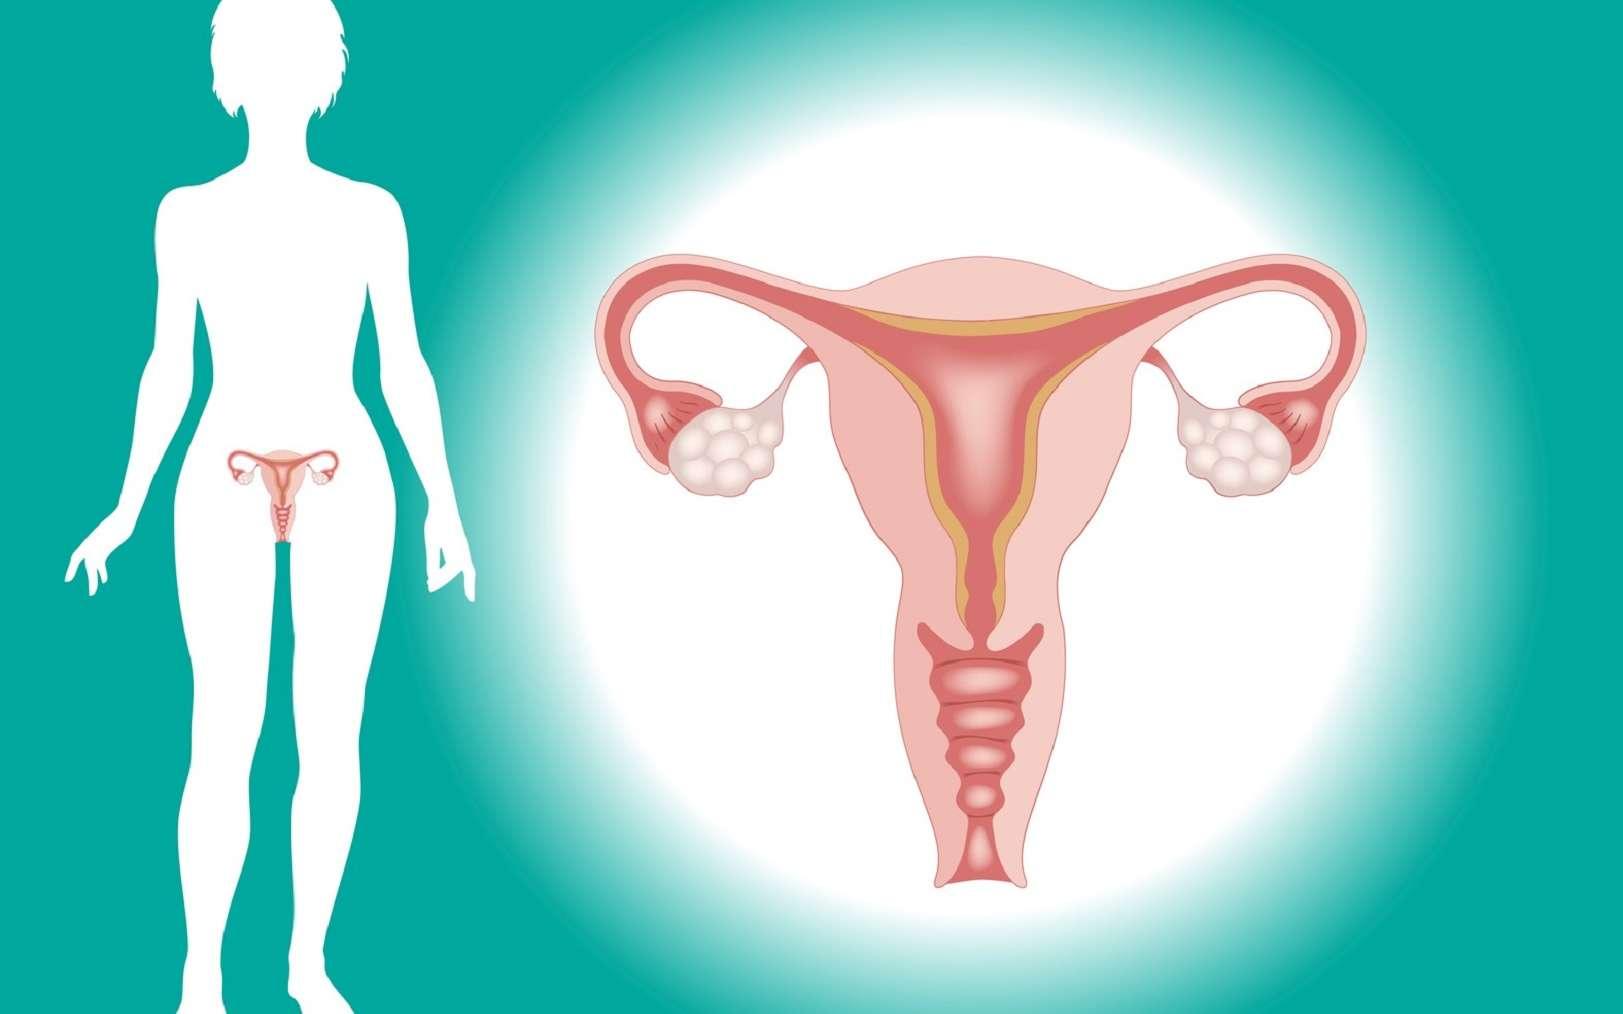 التهاب عنق الرحم من أمراض الرحم الشائعة